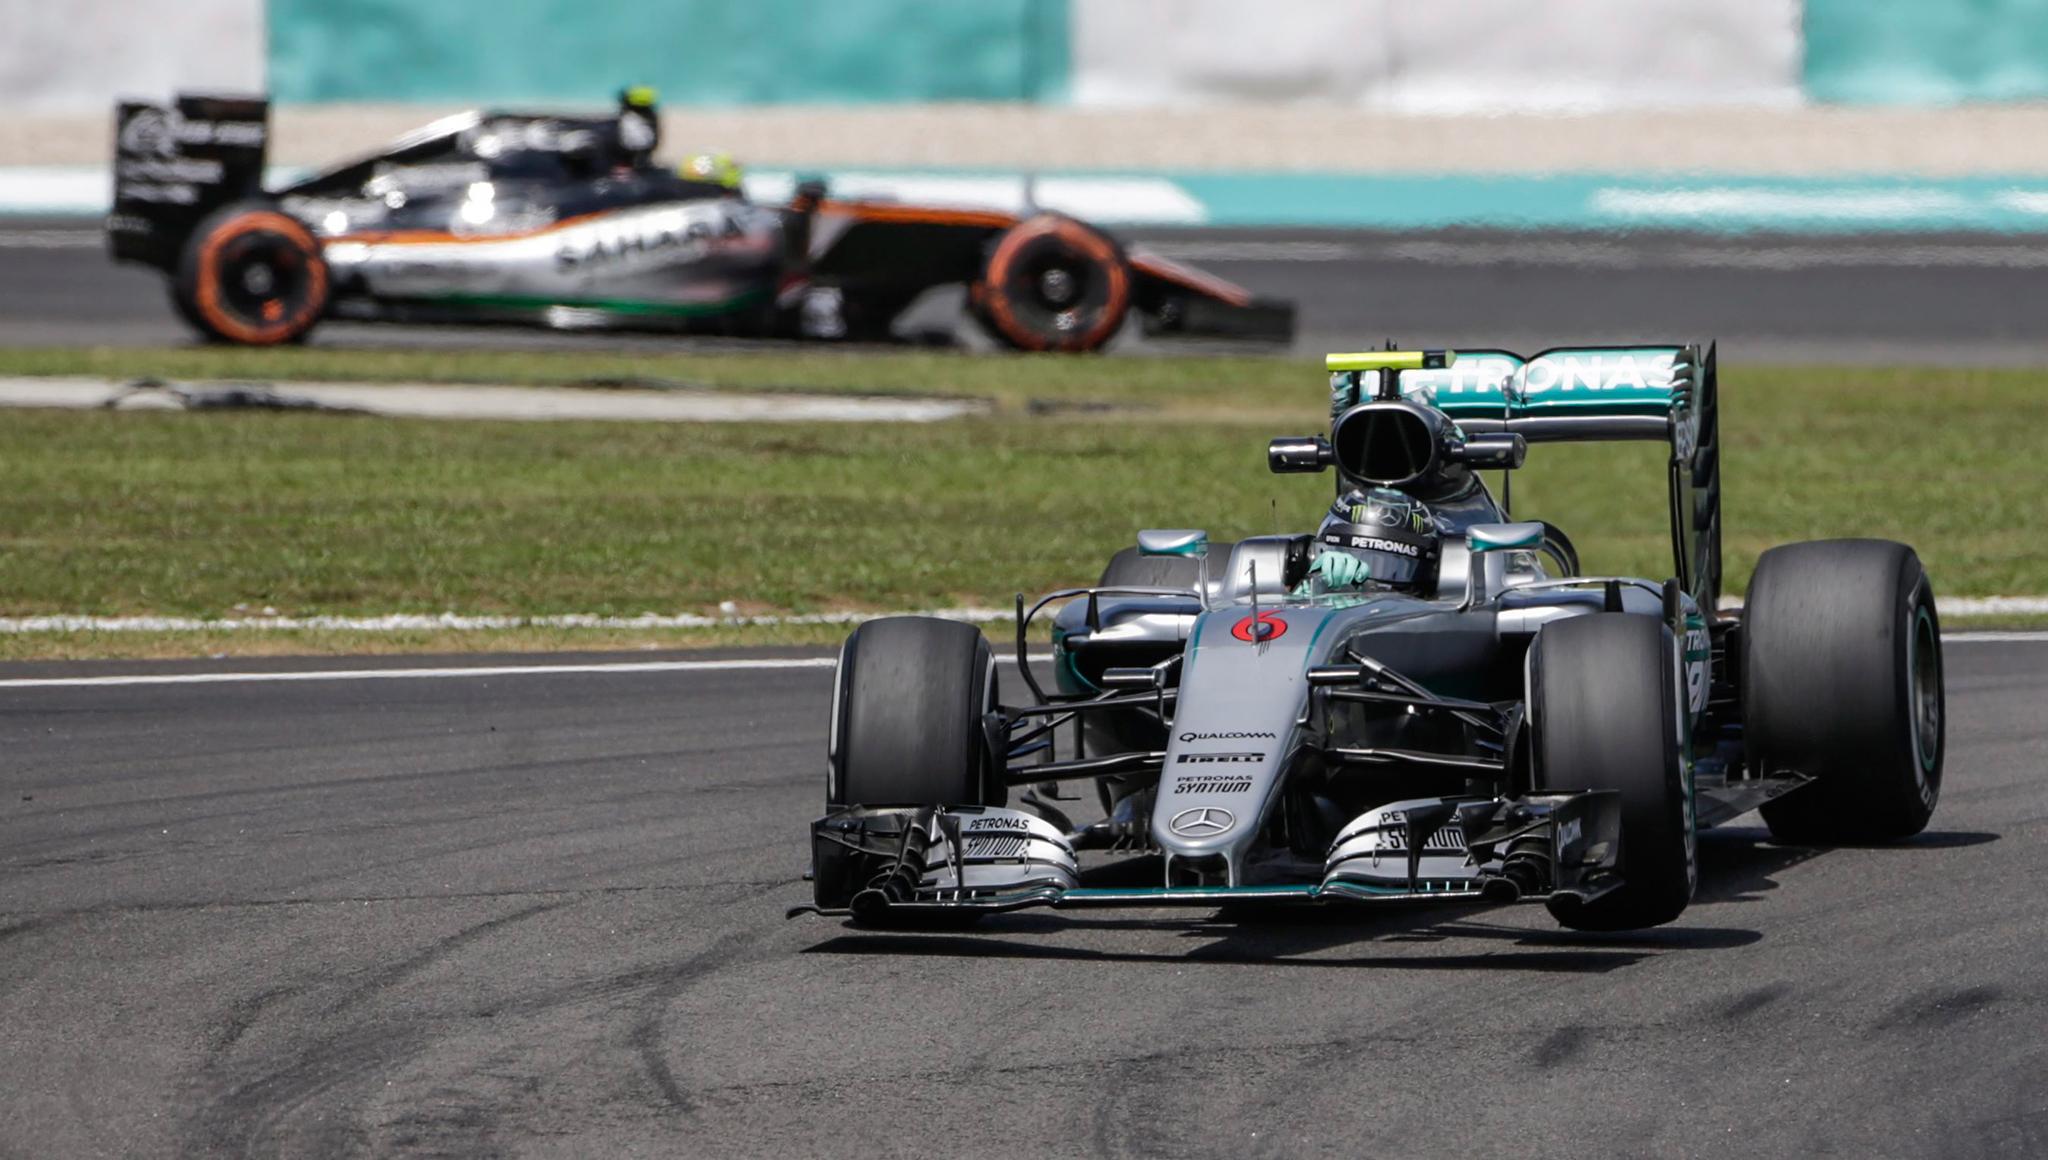 Oficial: el superdeportivo de Mercedes-Benz montará motor de Fórmula 1 1